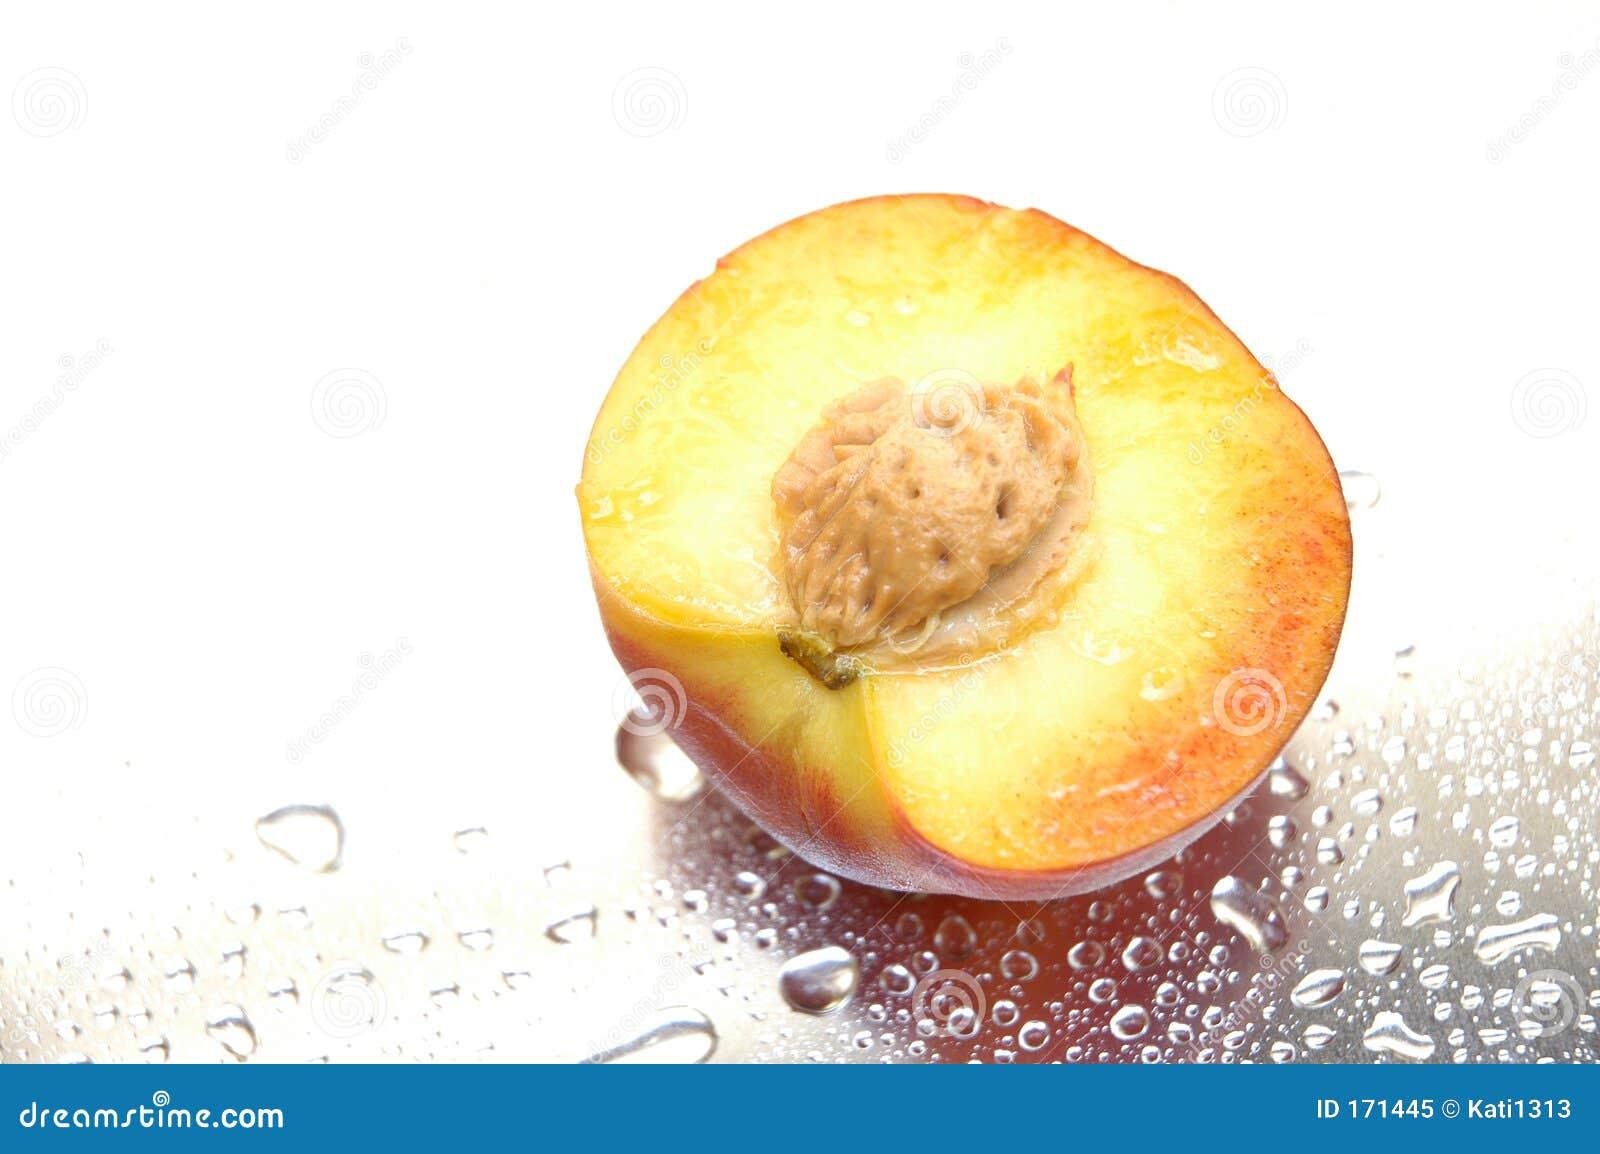 Wet peach